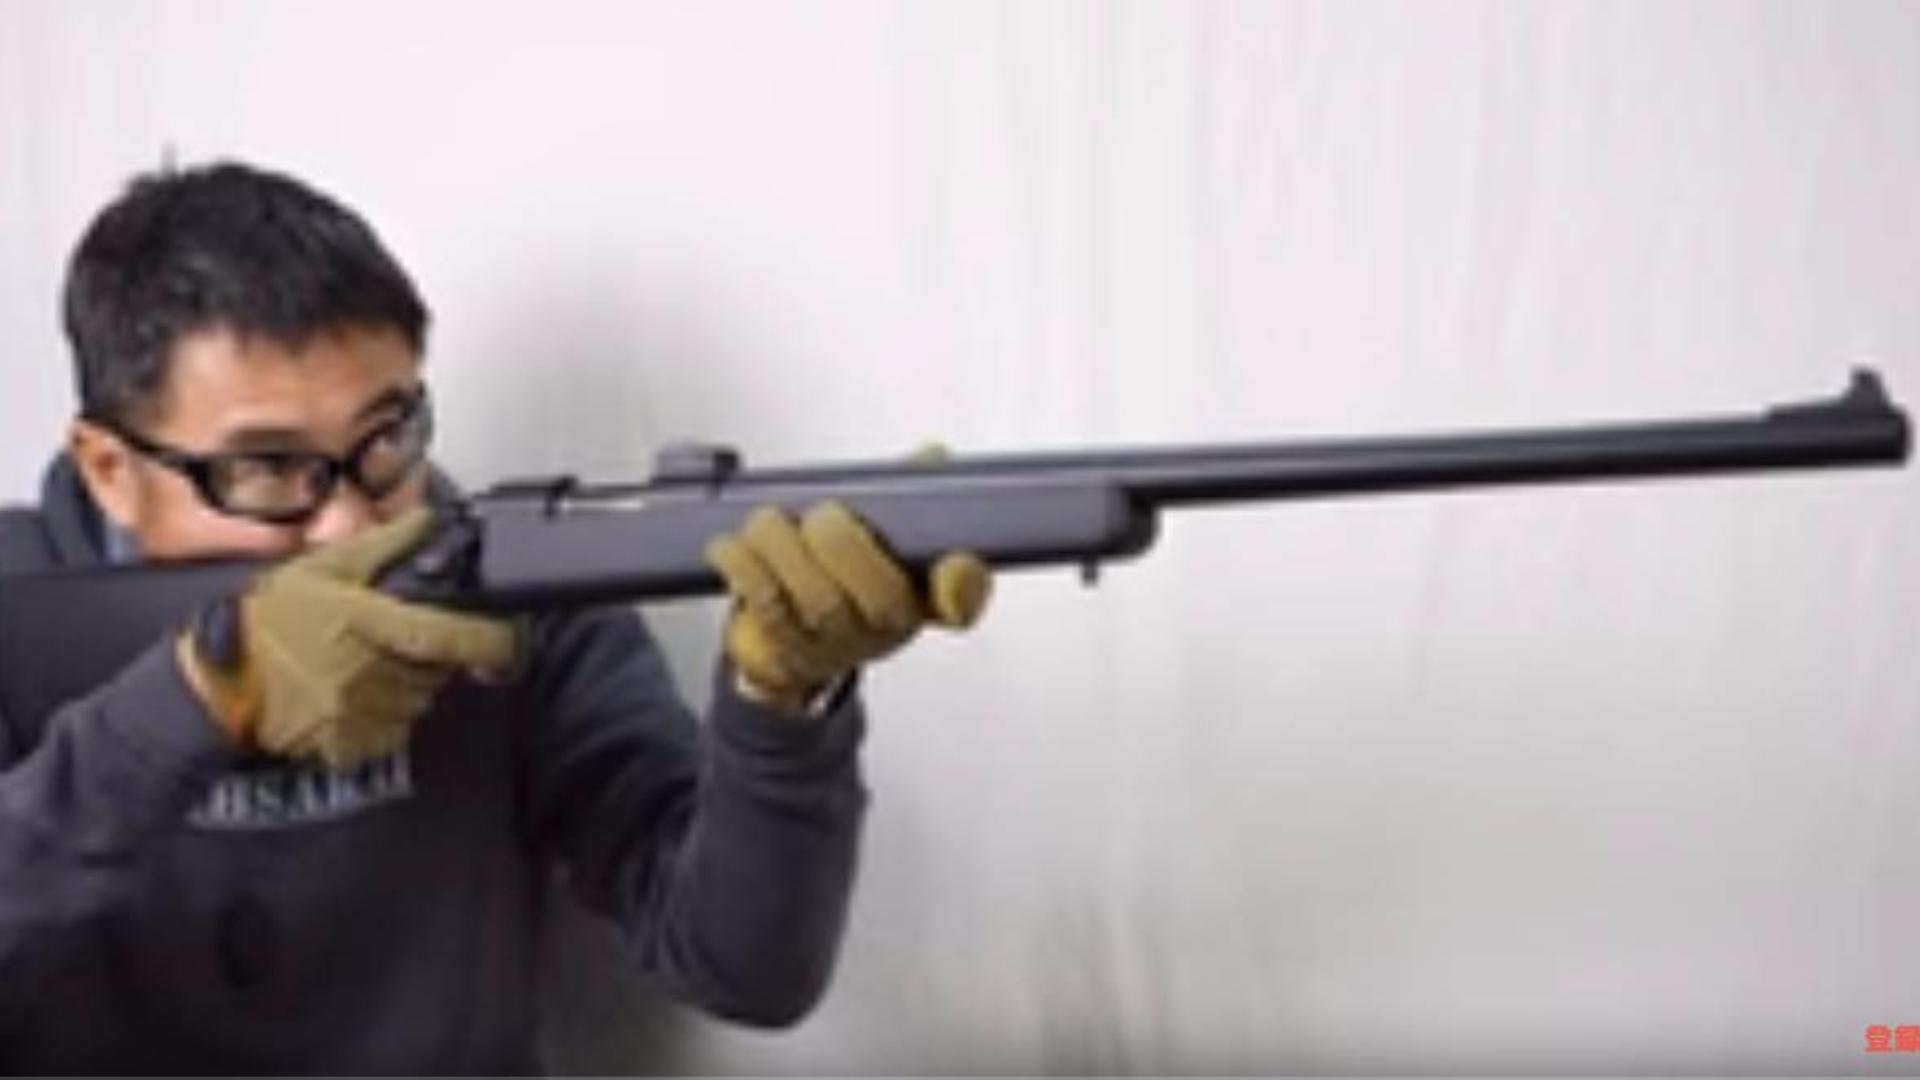 日本壕堺大叔:VSR-10 marui 动作气枪审查